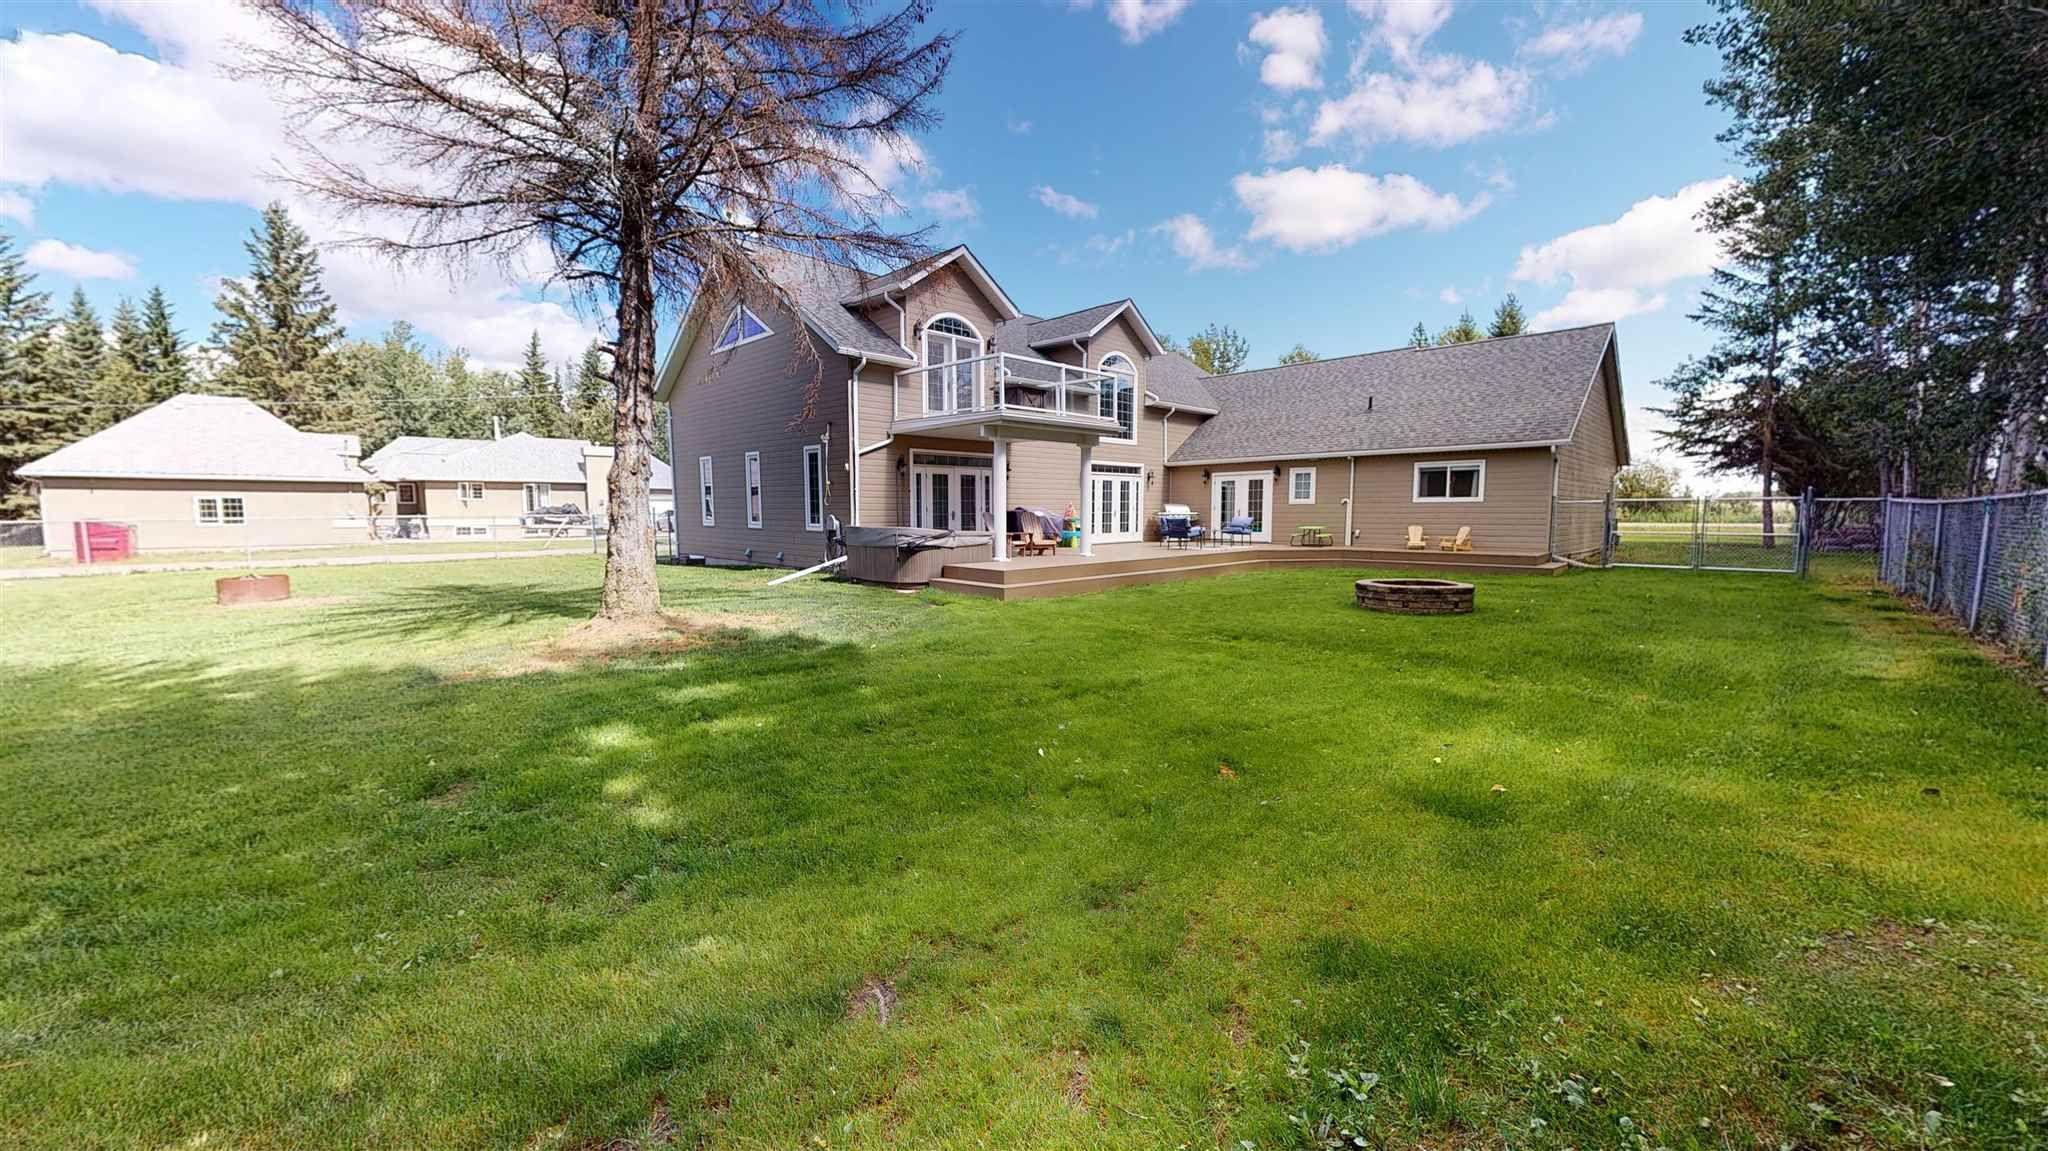 Main Photo: 12233 91 Street in Fort St. John: Fort St. John - City NE House for sale (Fort St. John (Zone 60))  : MLS®# R2607784